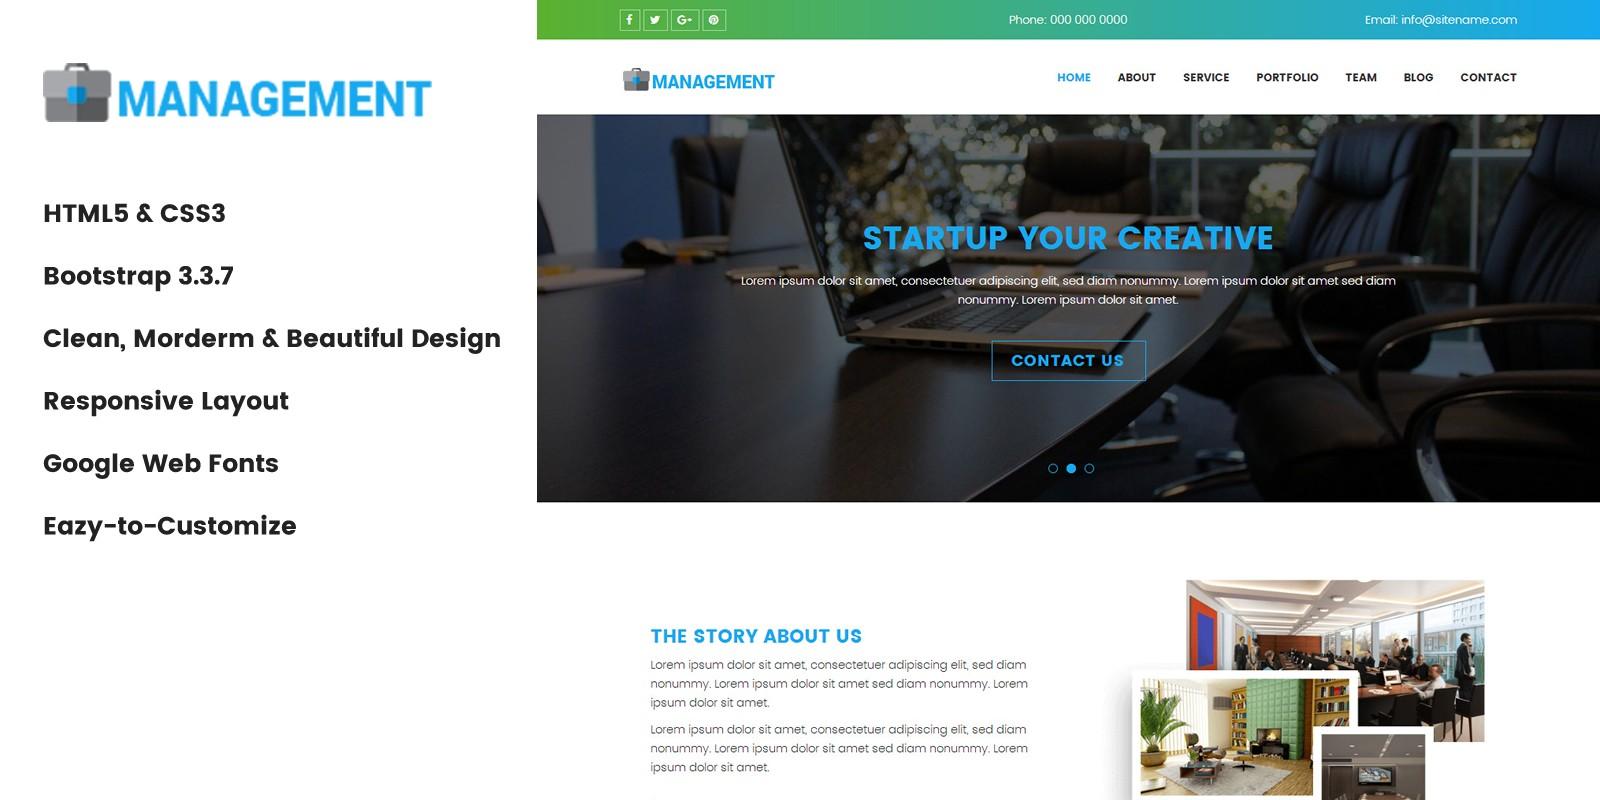 Management - HTML Website Template